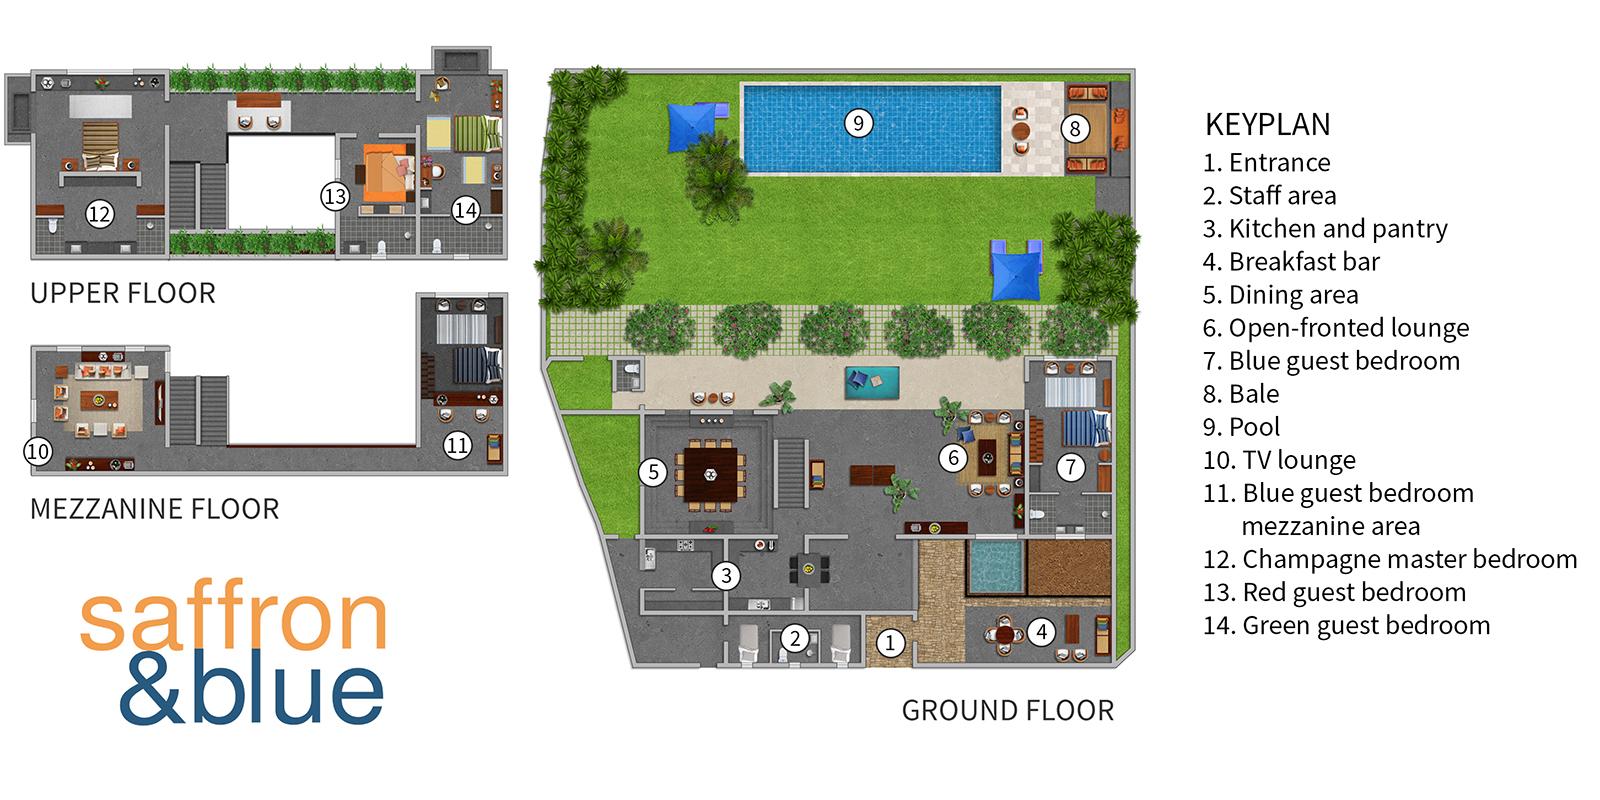 Saffron & Blue Floor Plan | Kosgoda, Sri Lanka